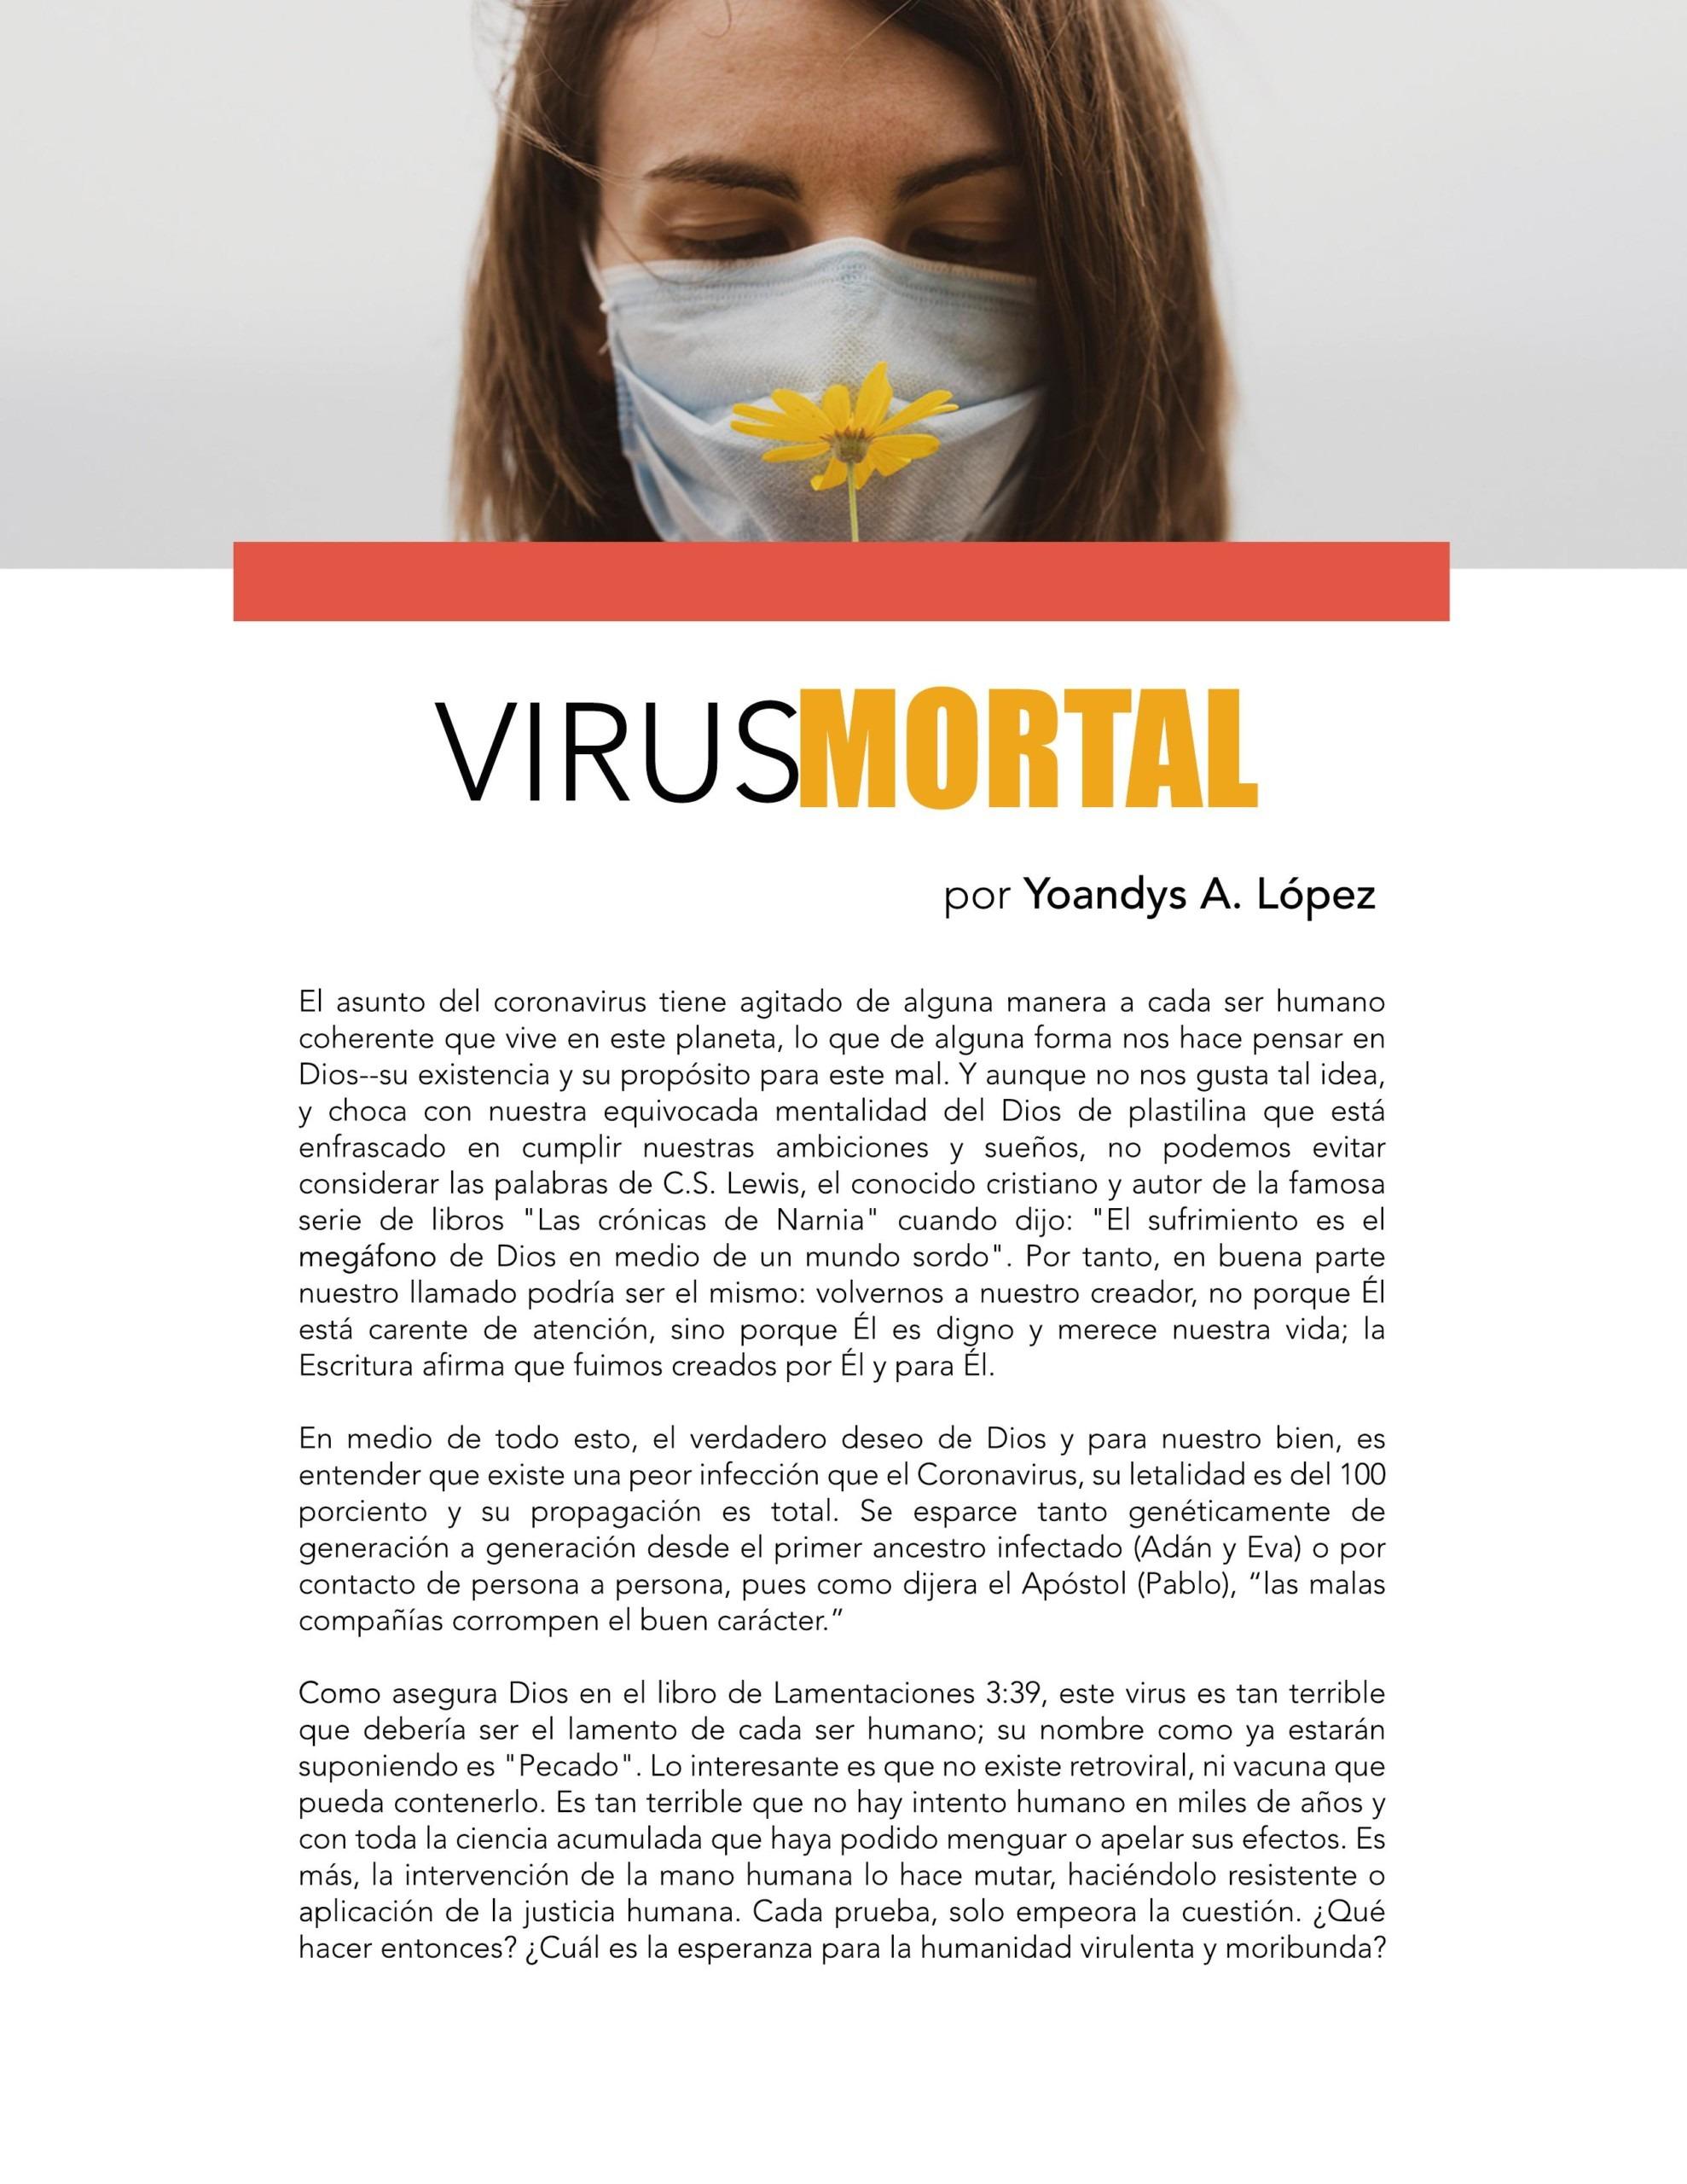 Virus mortal imagen 1